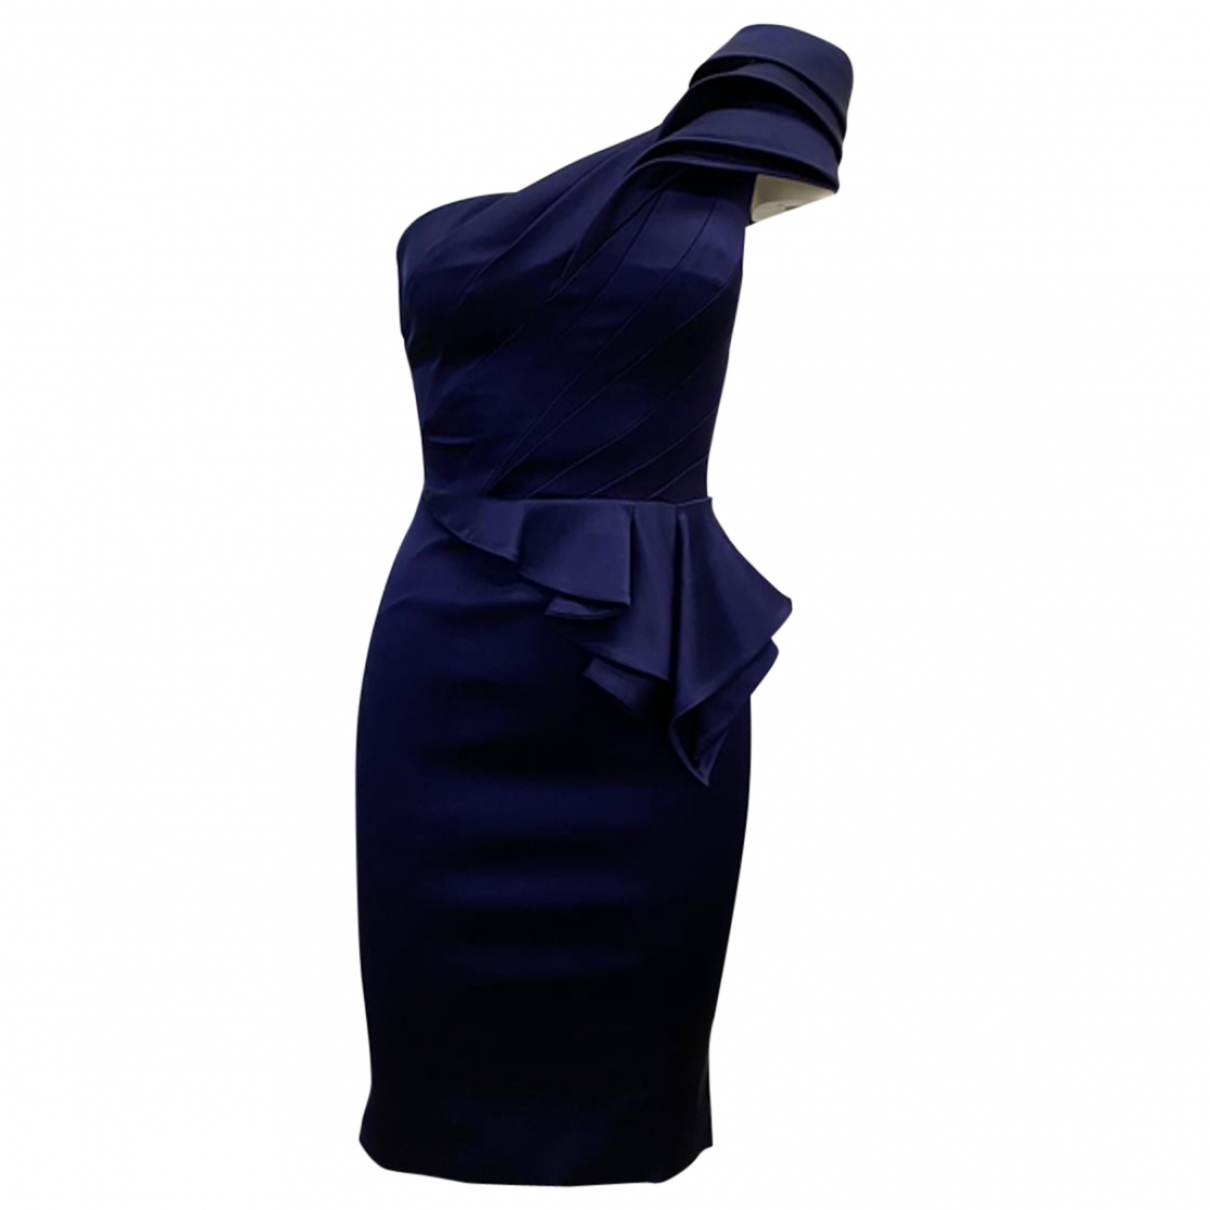 Karen Millen \N Navy dress for Women 8 UK